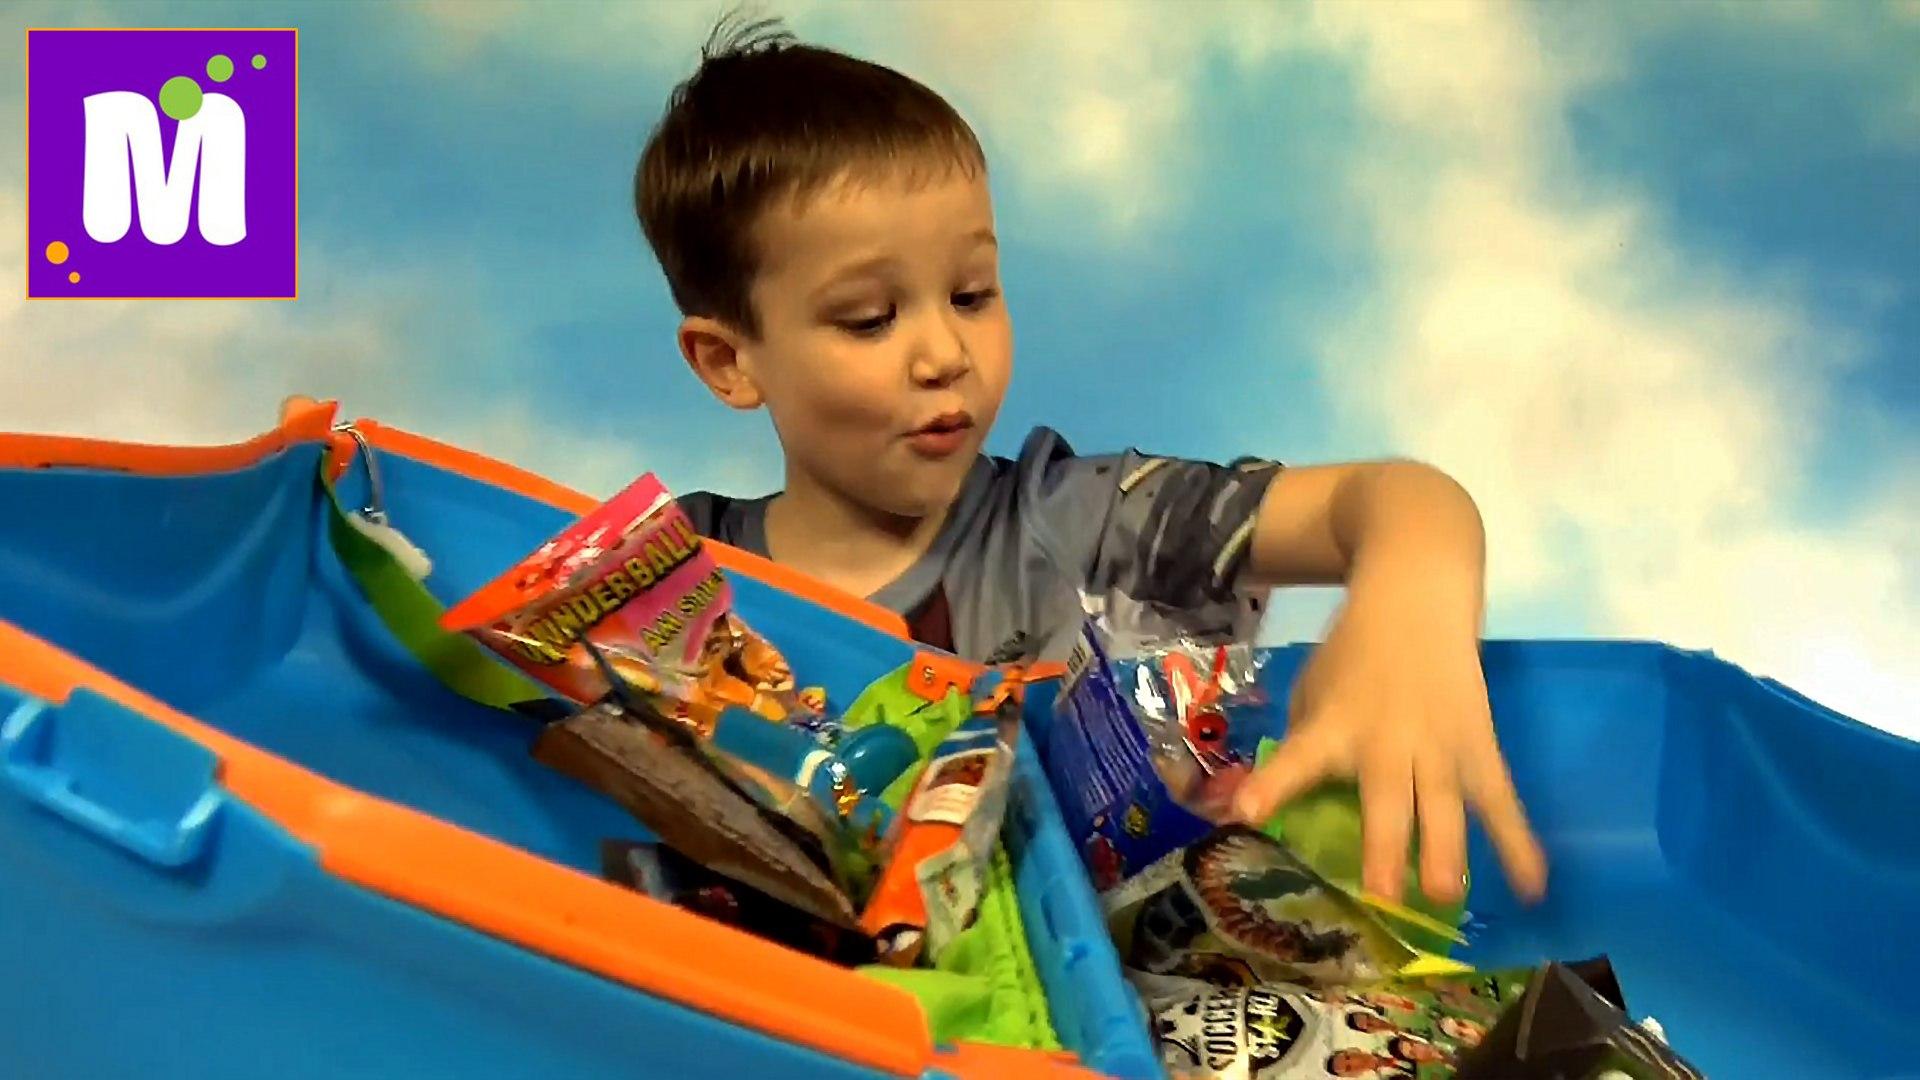 Прикольные конфеты сюрпризы игрушки и сладости из Германии новое видео Макс 2016 Funny candy surpris